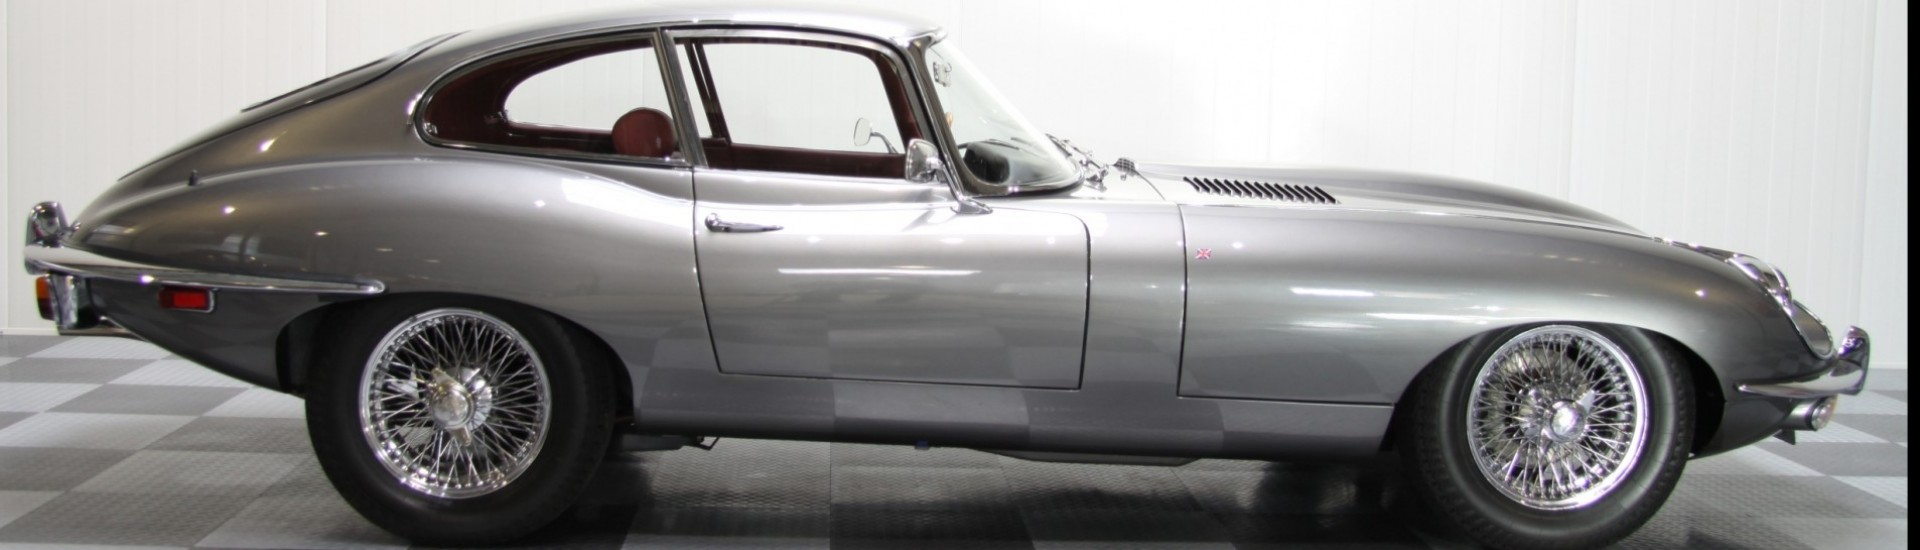 Jaguar Jaguar E Type Coupe 4.2 Series 2 (FHC)